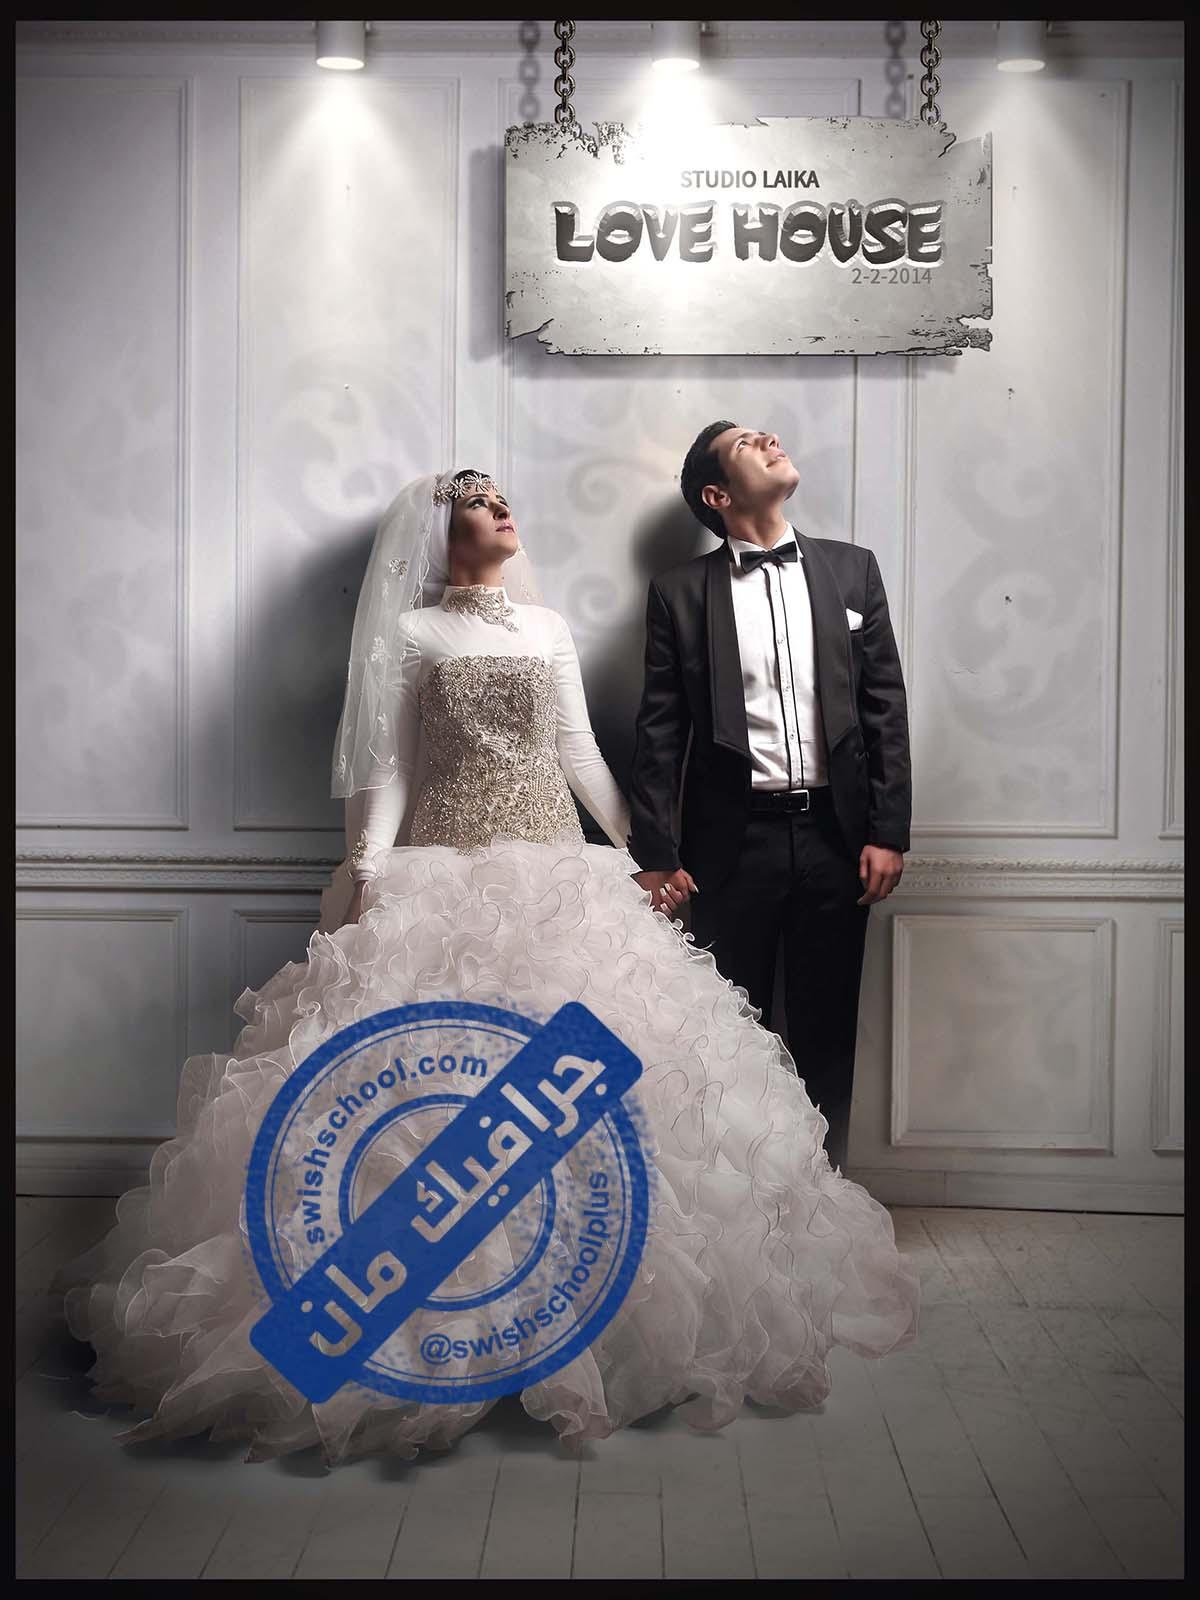 خلفيات عرائس رومانسيه 2 psd 4 خلفيات عرايس رومانسيه psd للزفاف الجزء الثاني